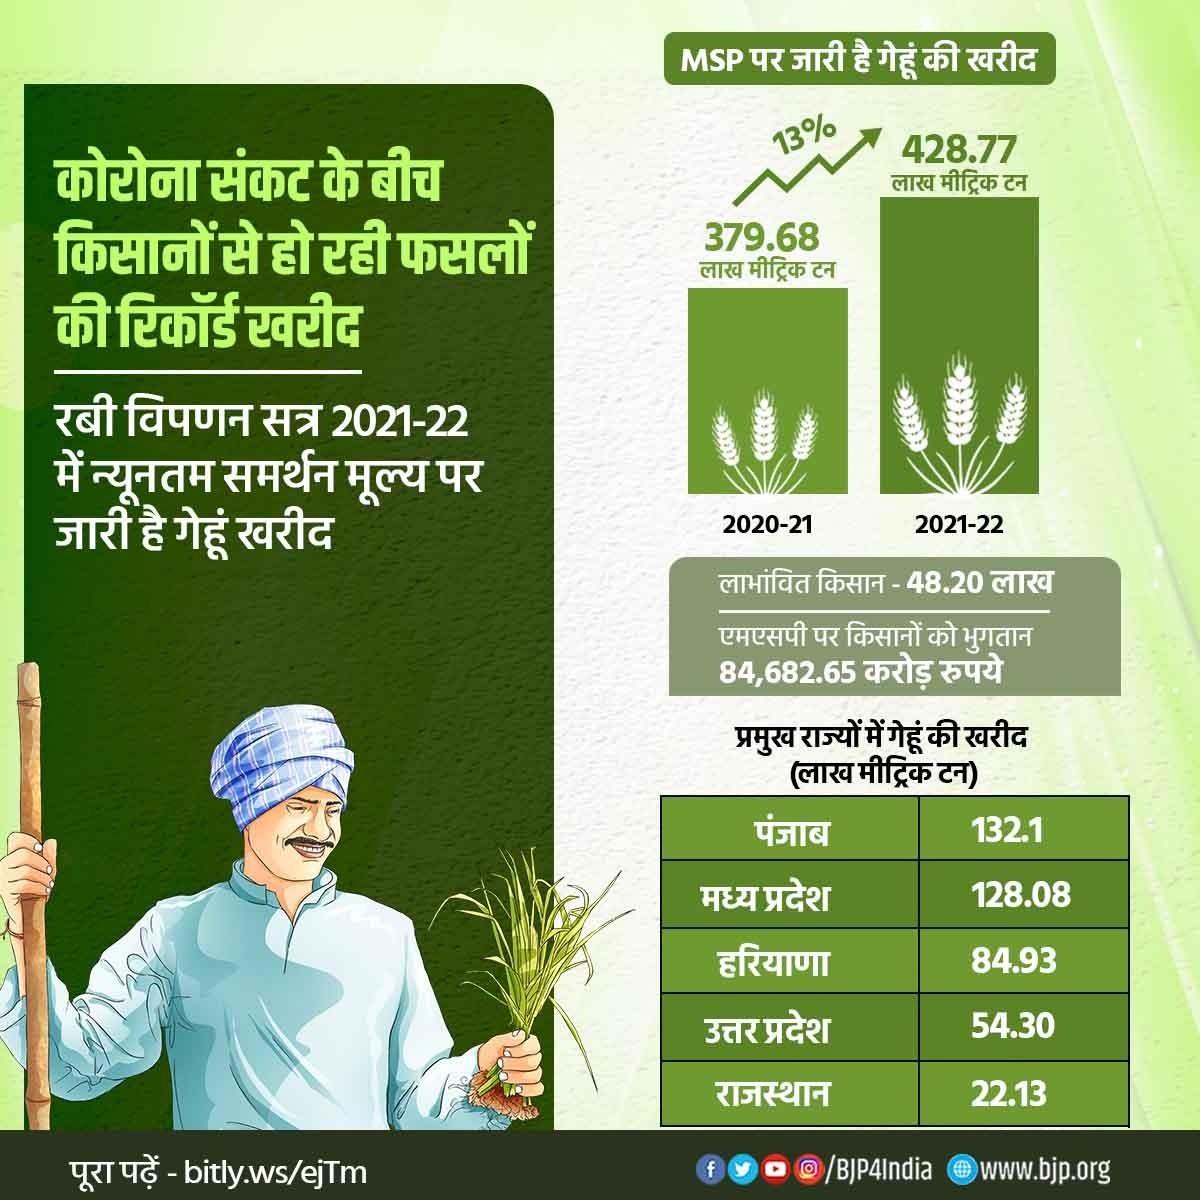 कोरोना संकट के बीच किसानों से हो रही फसलों की रिकॉर्ड खरीद  रबी विपणन सत्र 2021-22 में अब तक देश भर में MSP पर 428.77 LMT गेहूं की खरीद हो चुकी है। बीते वर्ष इस अवधि में 379.68 LMT की खरीद हुई थी।  48.20 लाख किसानों को MSP पर 84,682.65 करोड़ रुपये का भुगतान किया जा चुका है। https://t.co/Dcgi3m4UPC